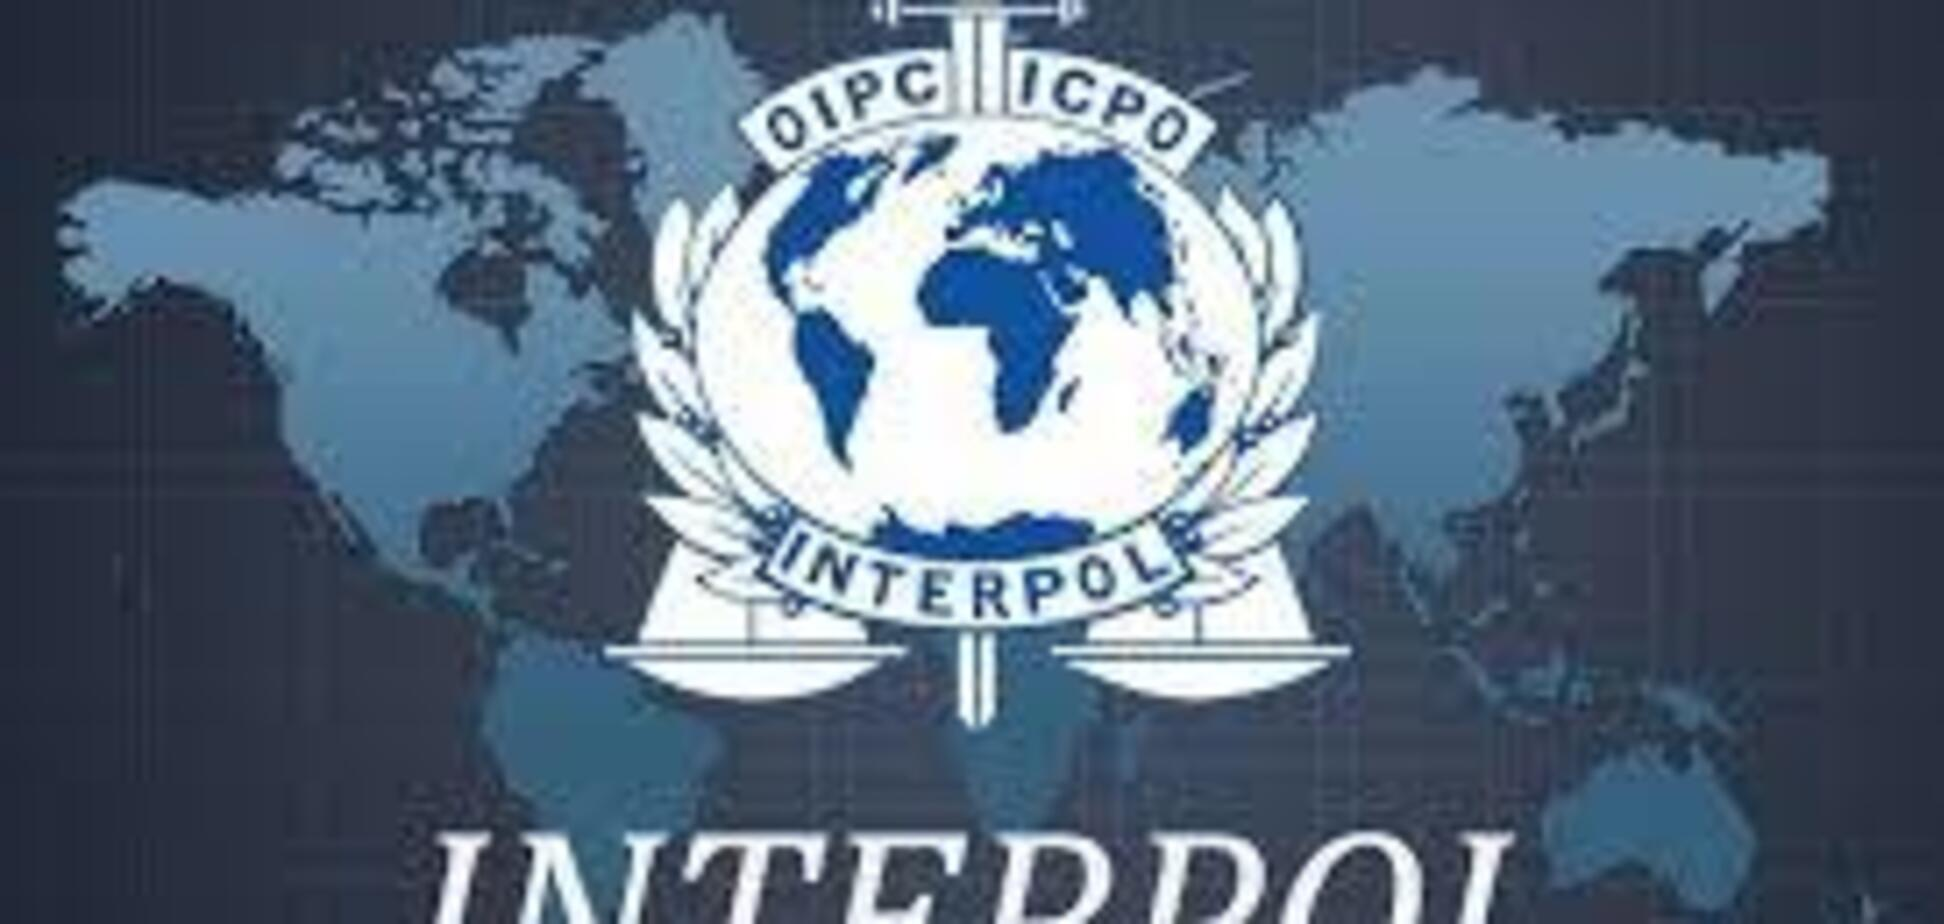 Россия должна быть исключена из Интерпола